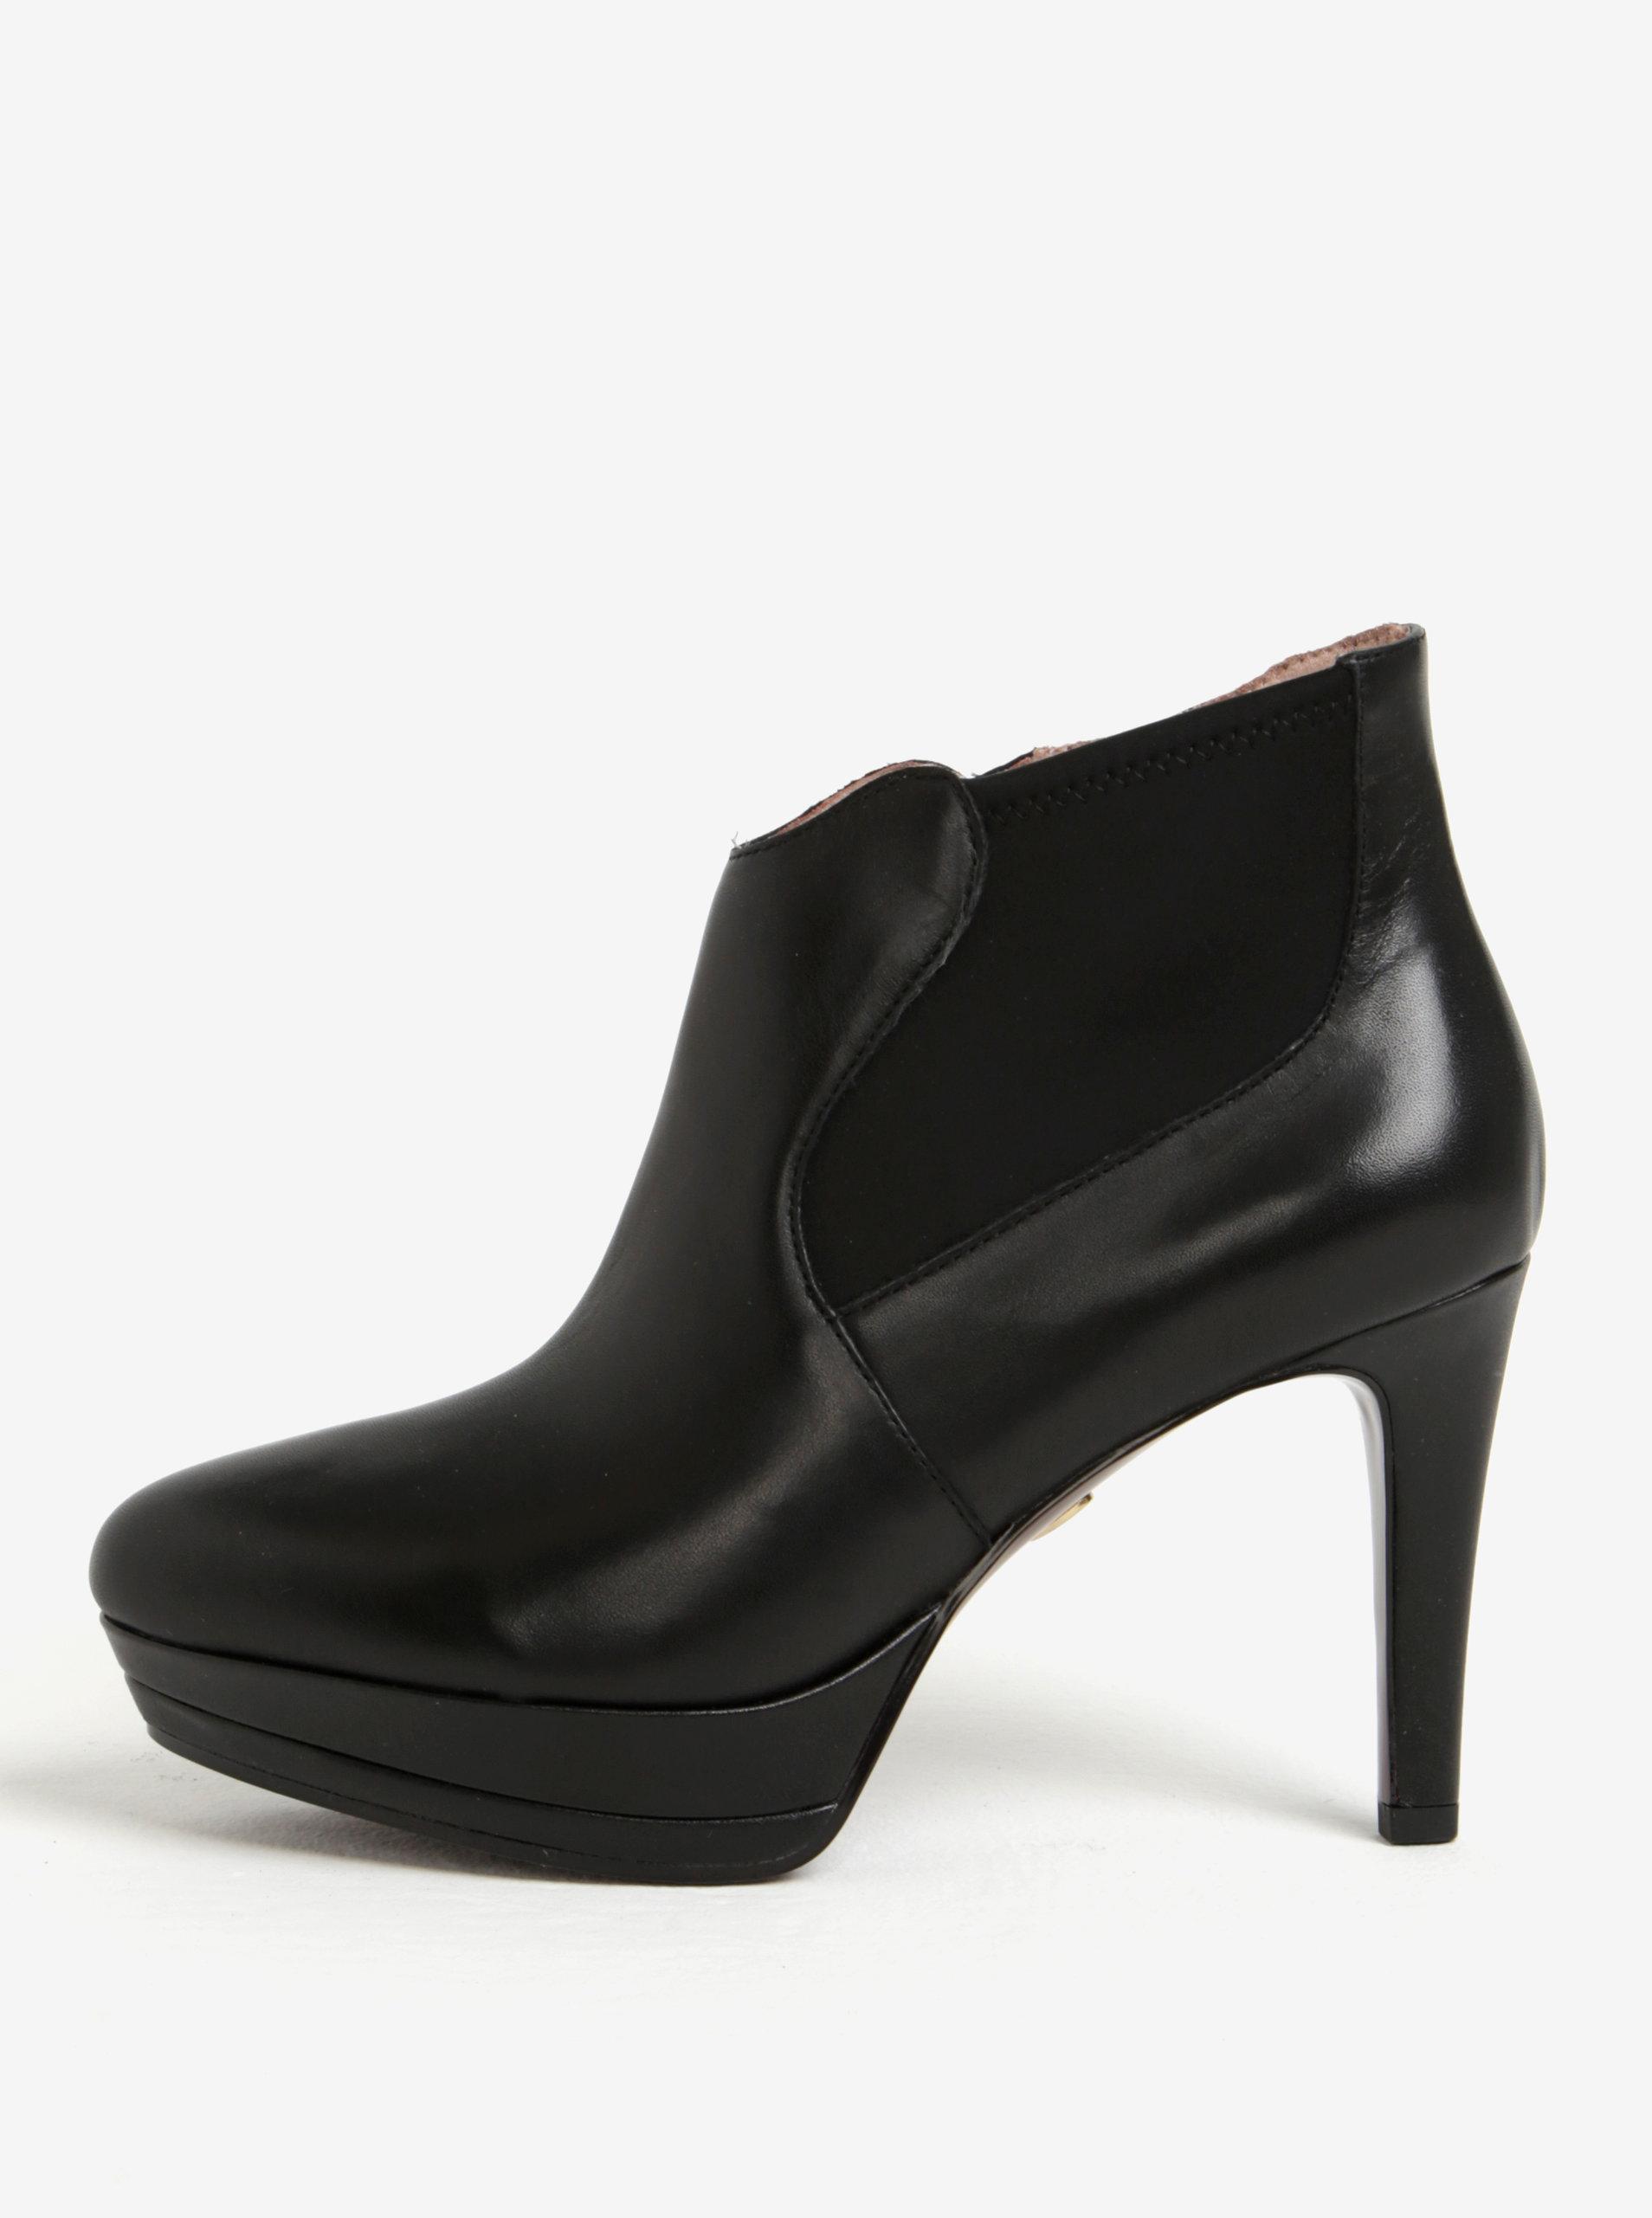 9e59eb5d3132 Čierne kožené členkové topánky na vysokom podpätku Tamaris ...